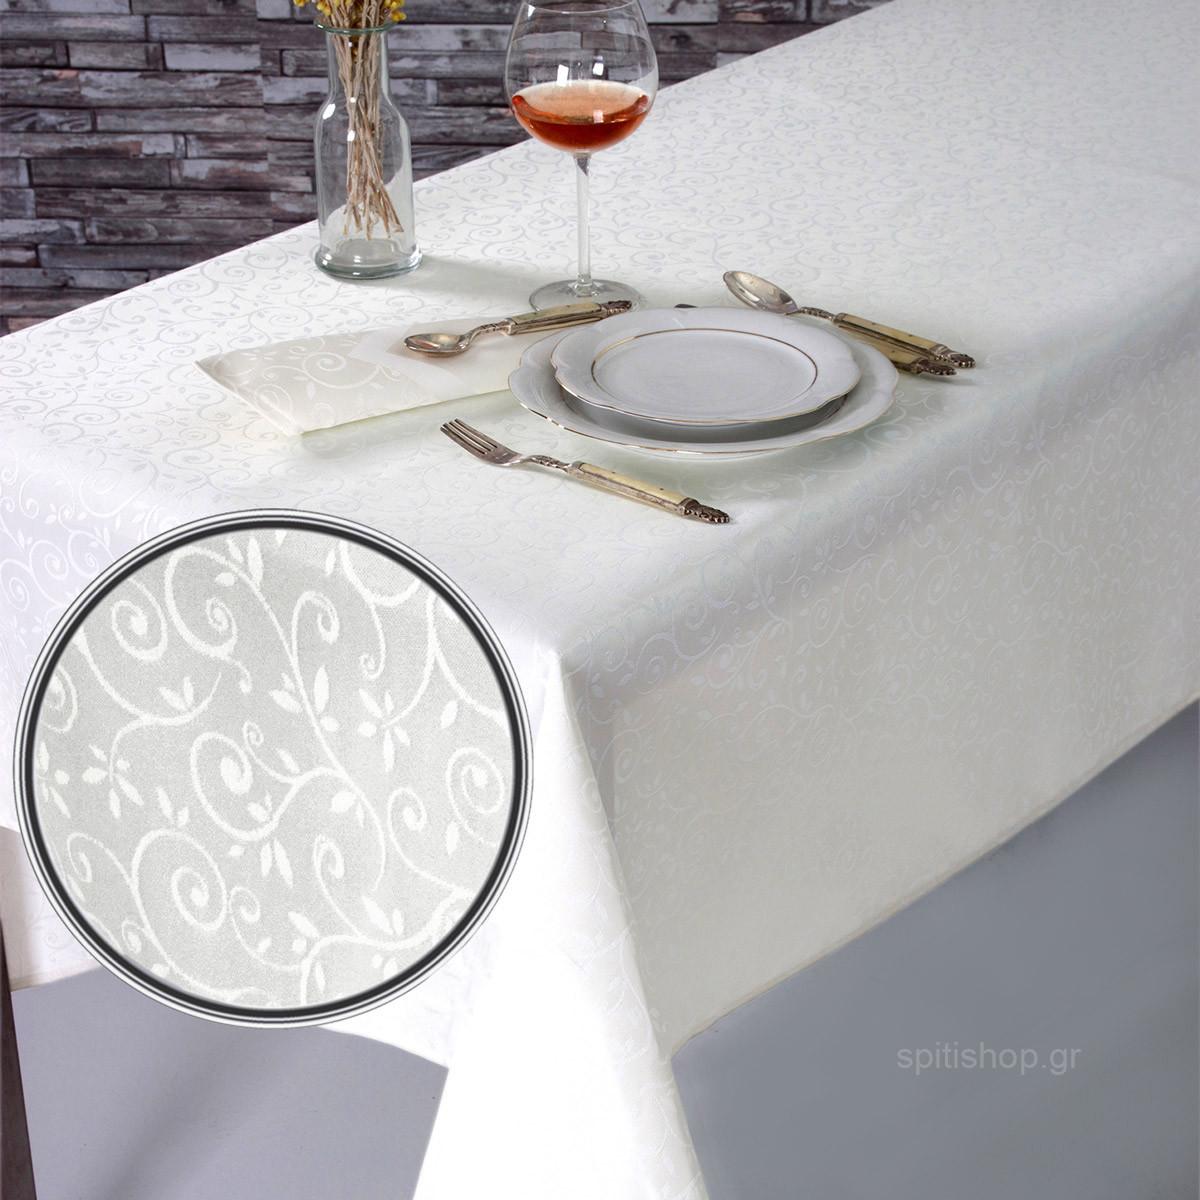 Πετσέτες Φαγητού (Σετ 2τμχ) Sb Home Anchor Cream